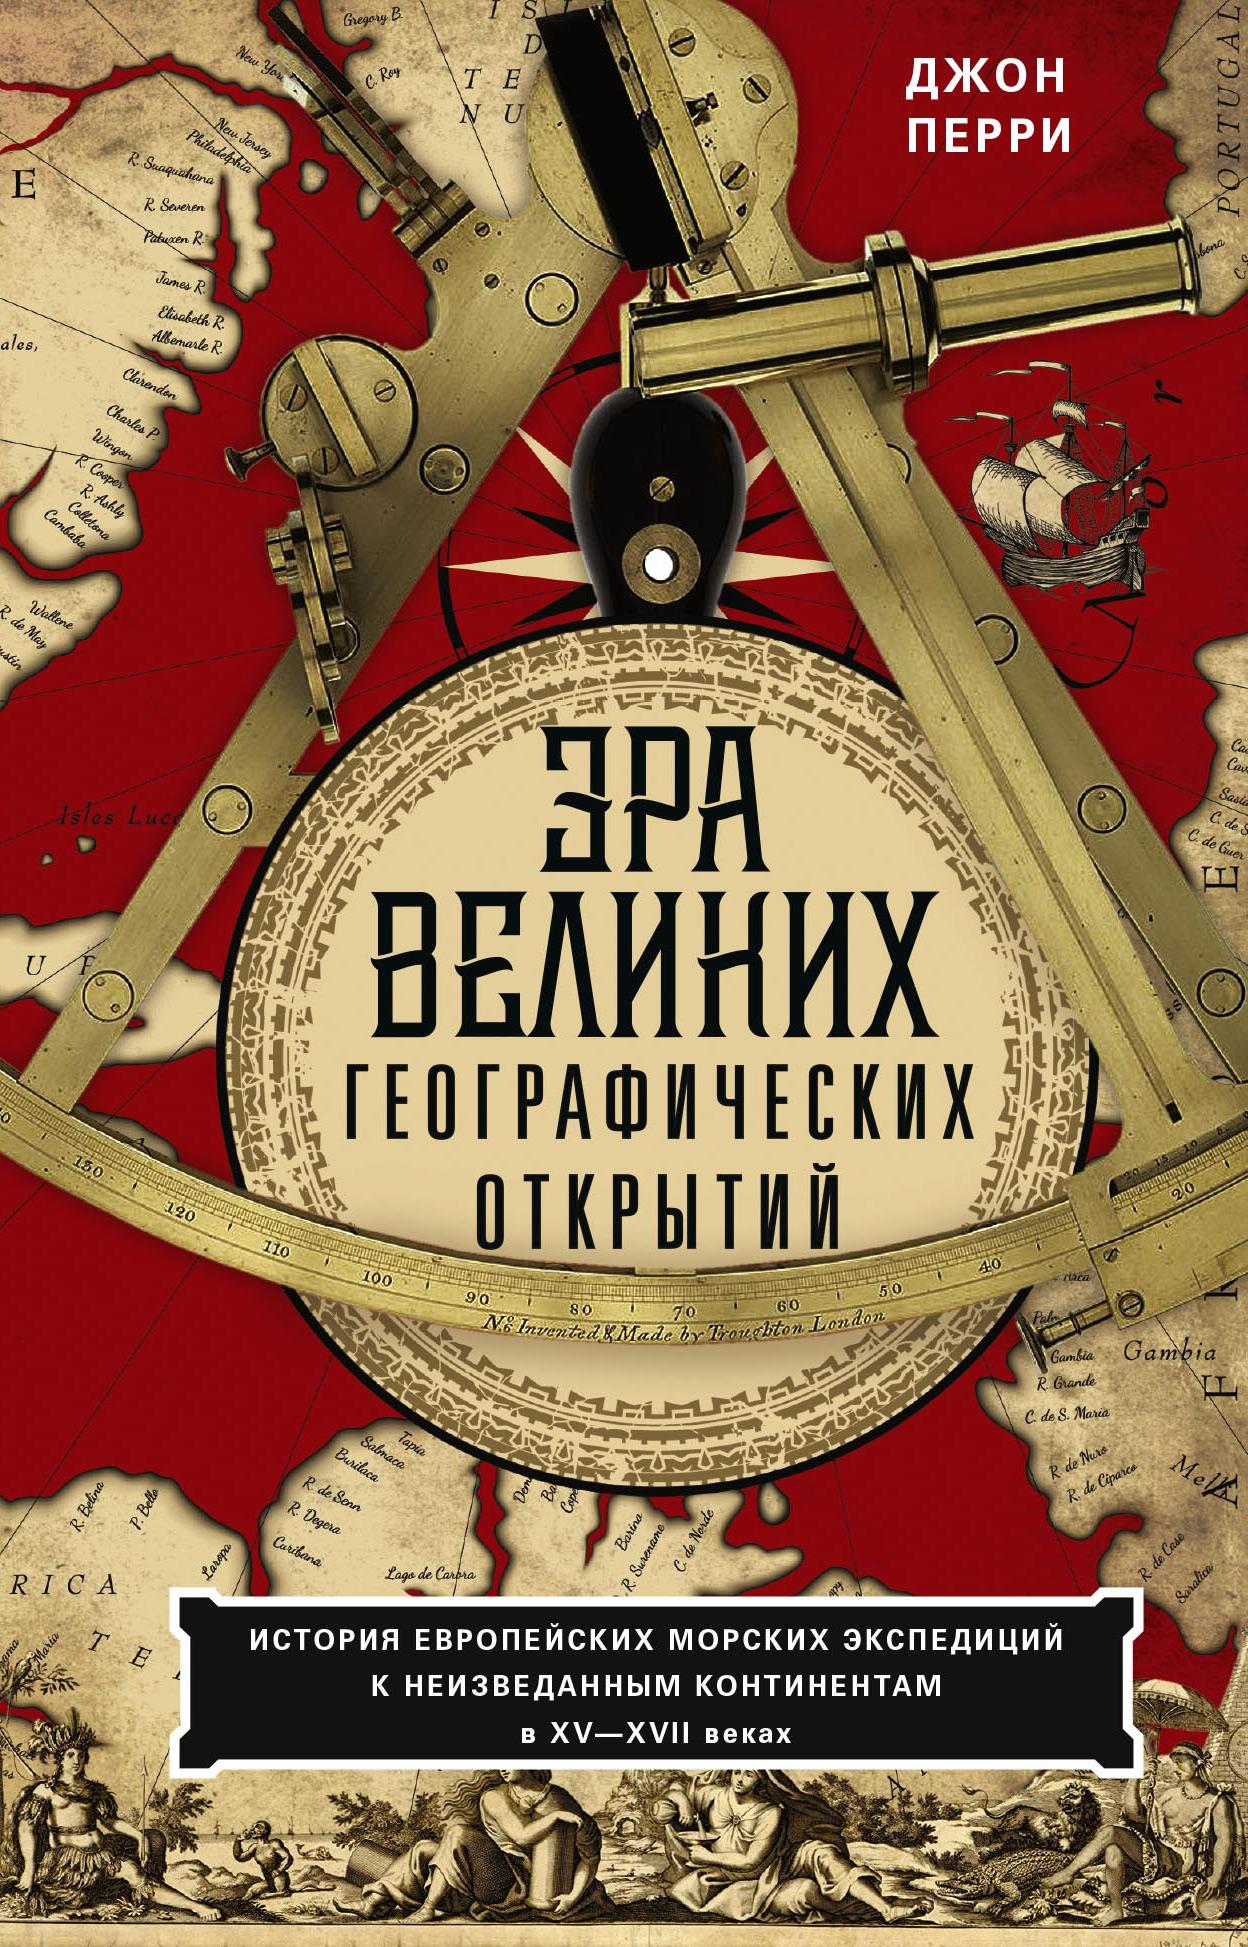 Обложка «Эра великих географических открытий. История европейских морских экспедиций к неизведанным континентам в XV—XVII веках»